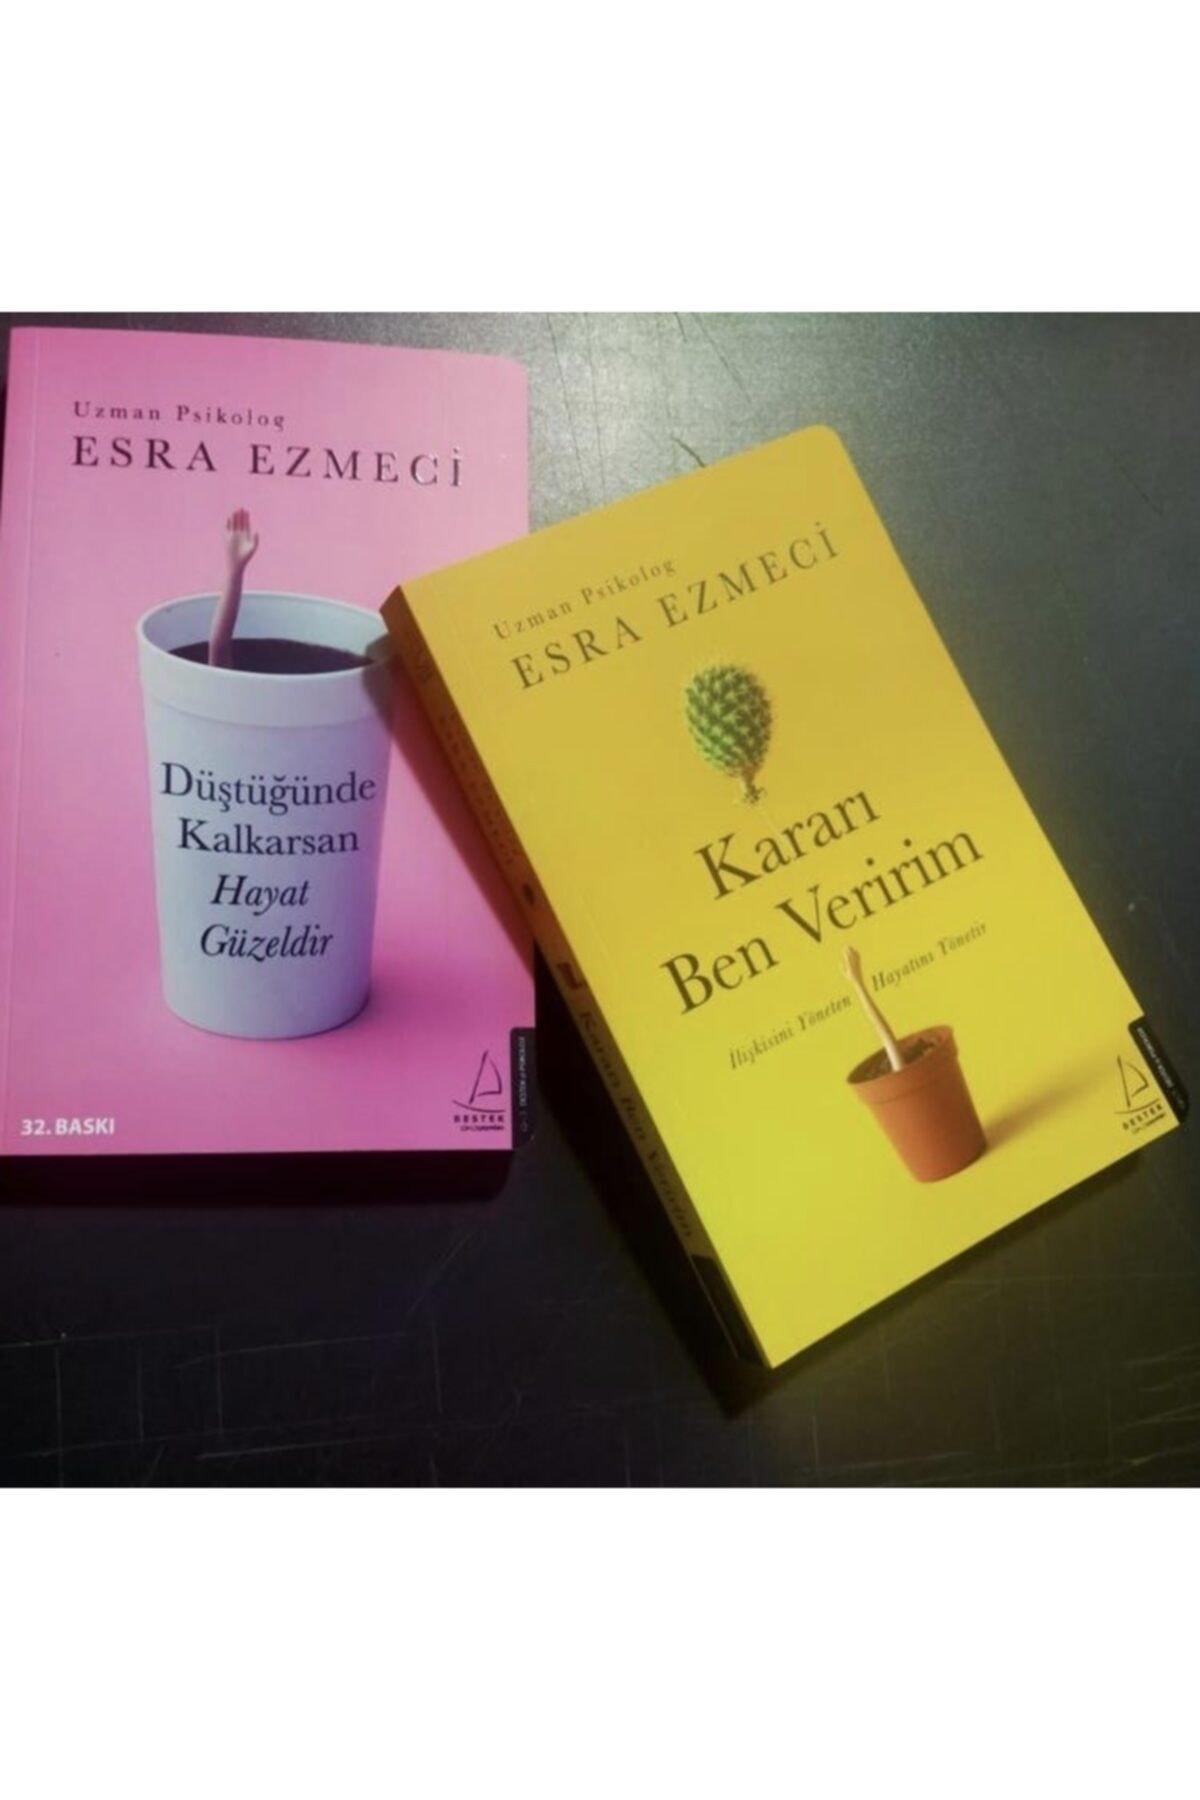 Destek Yayınları Kararı Ben Veririm, Düştüğünde Kalkarsan Hayat Güzeldir Esra Ezmeci 2 Kitap Takım 1